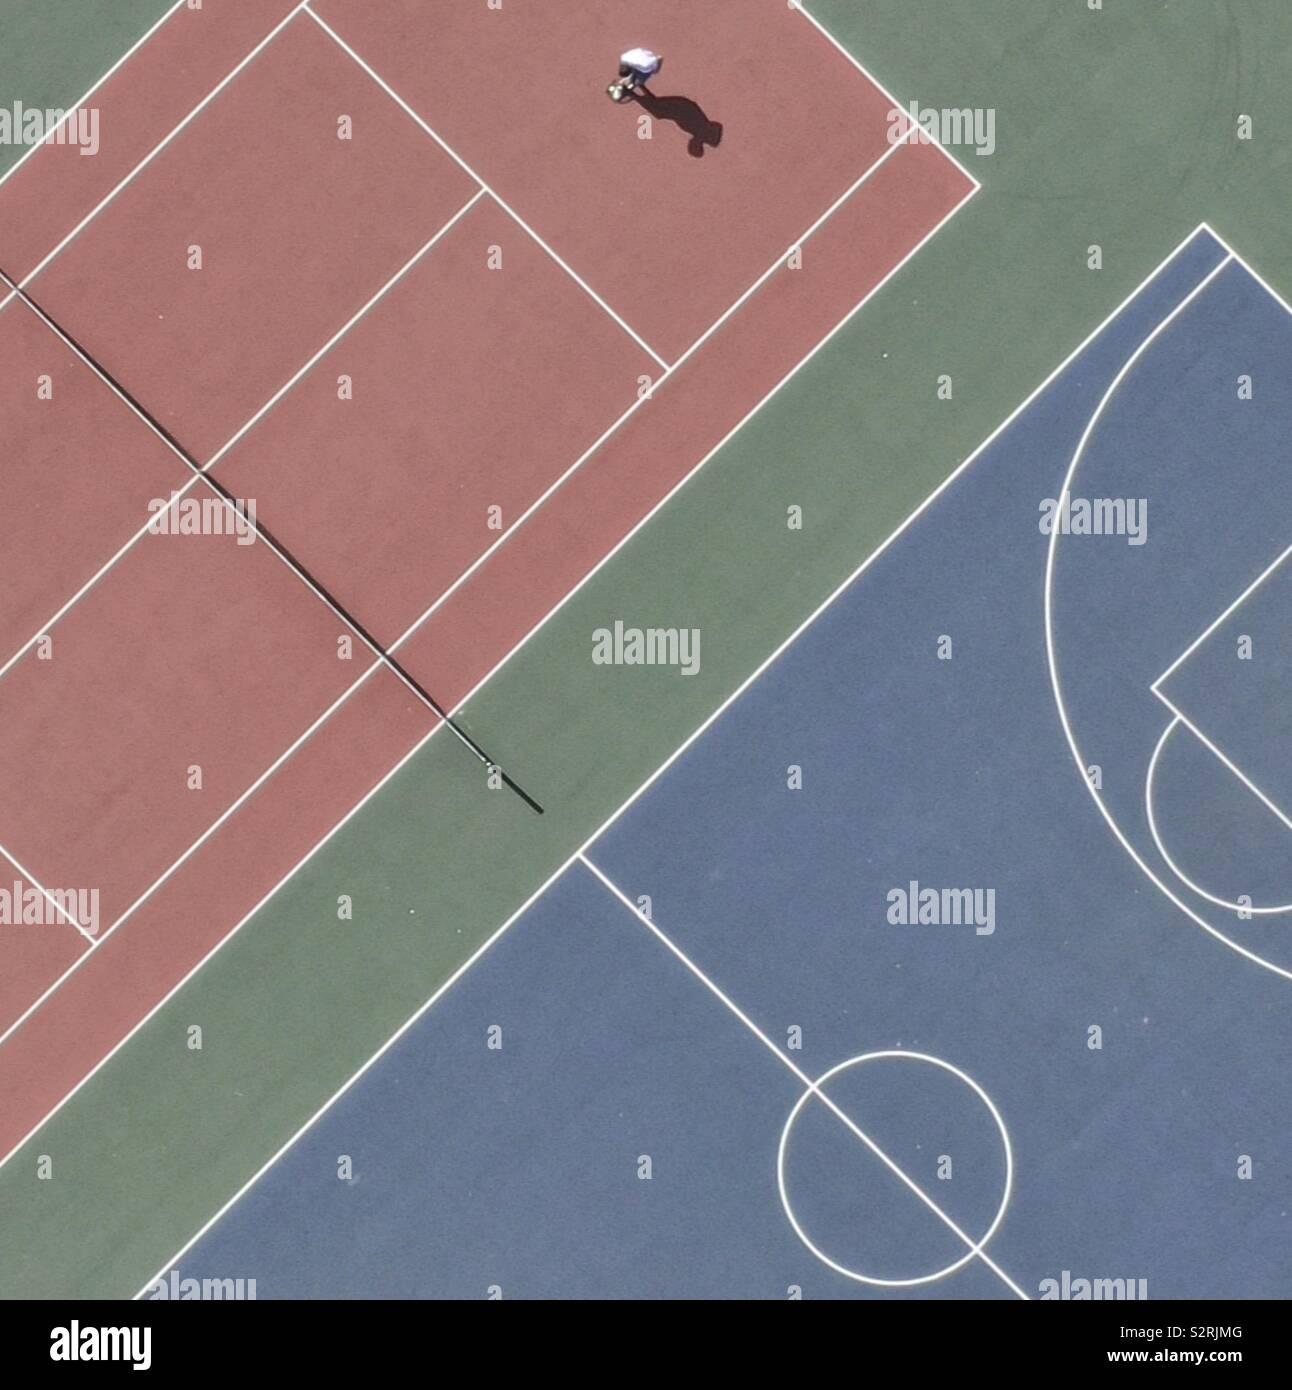 Tennisplatz Stockfoto